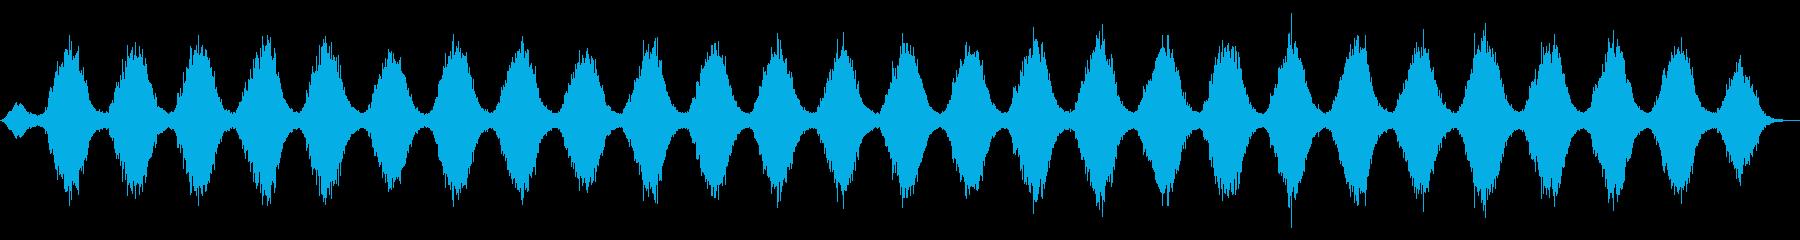 氷のタペストリーのようなアンビエントの再生済みの波形